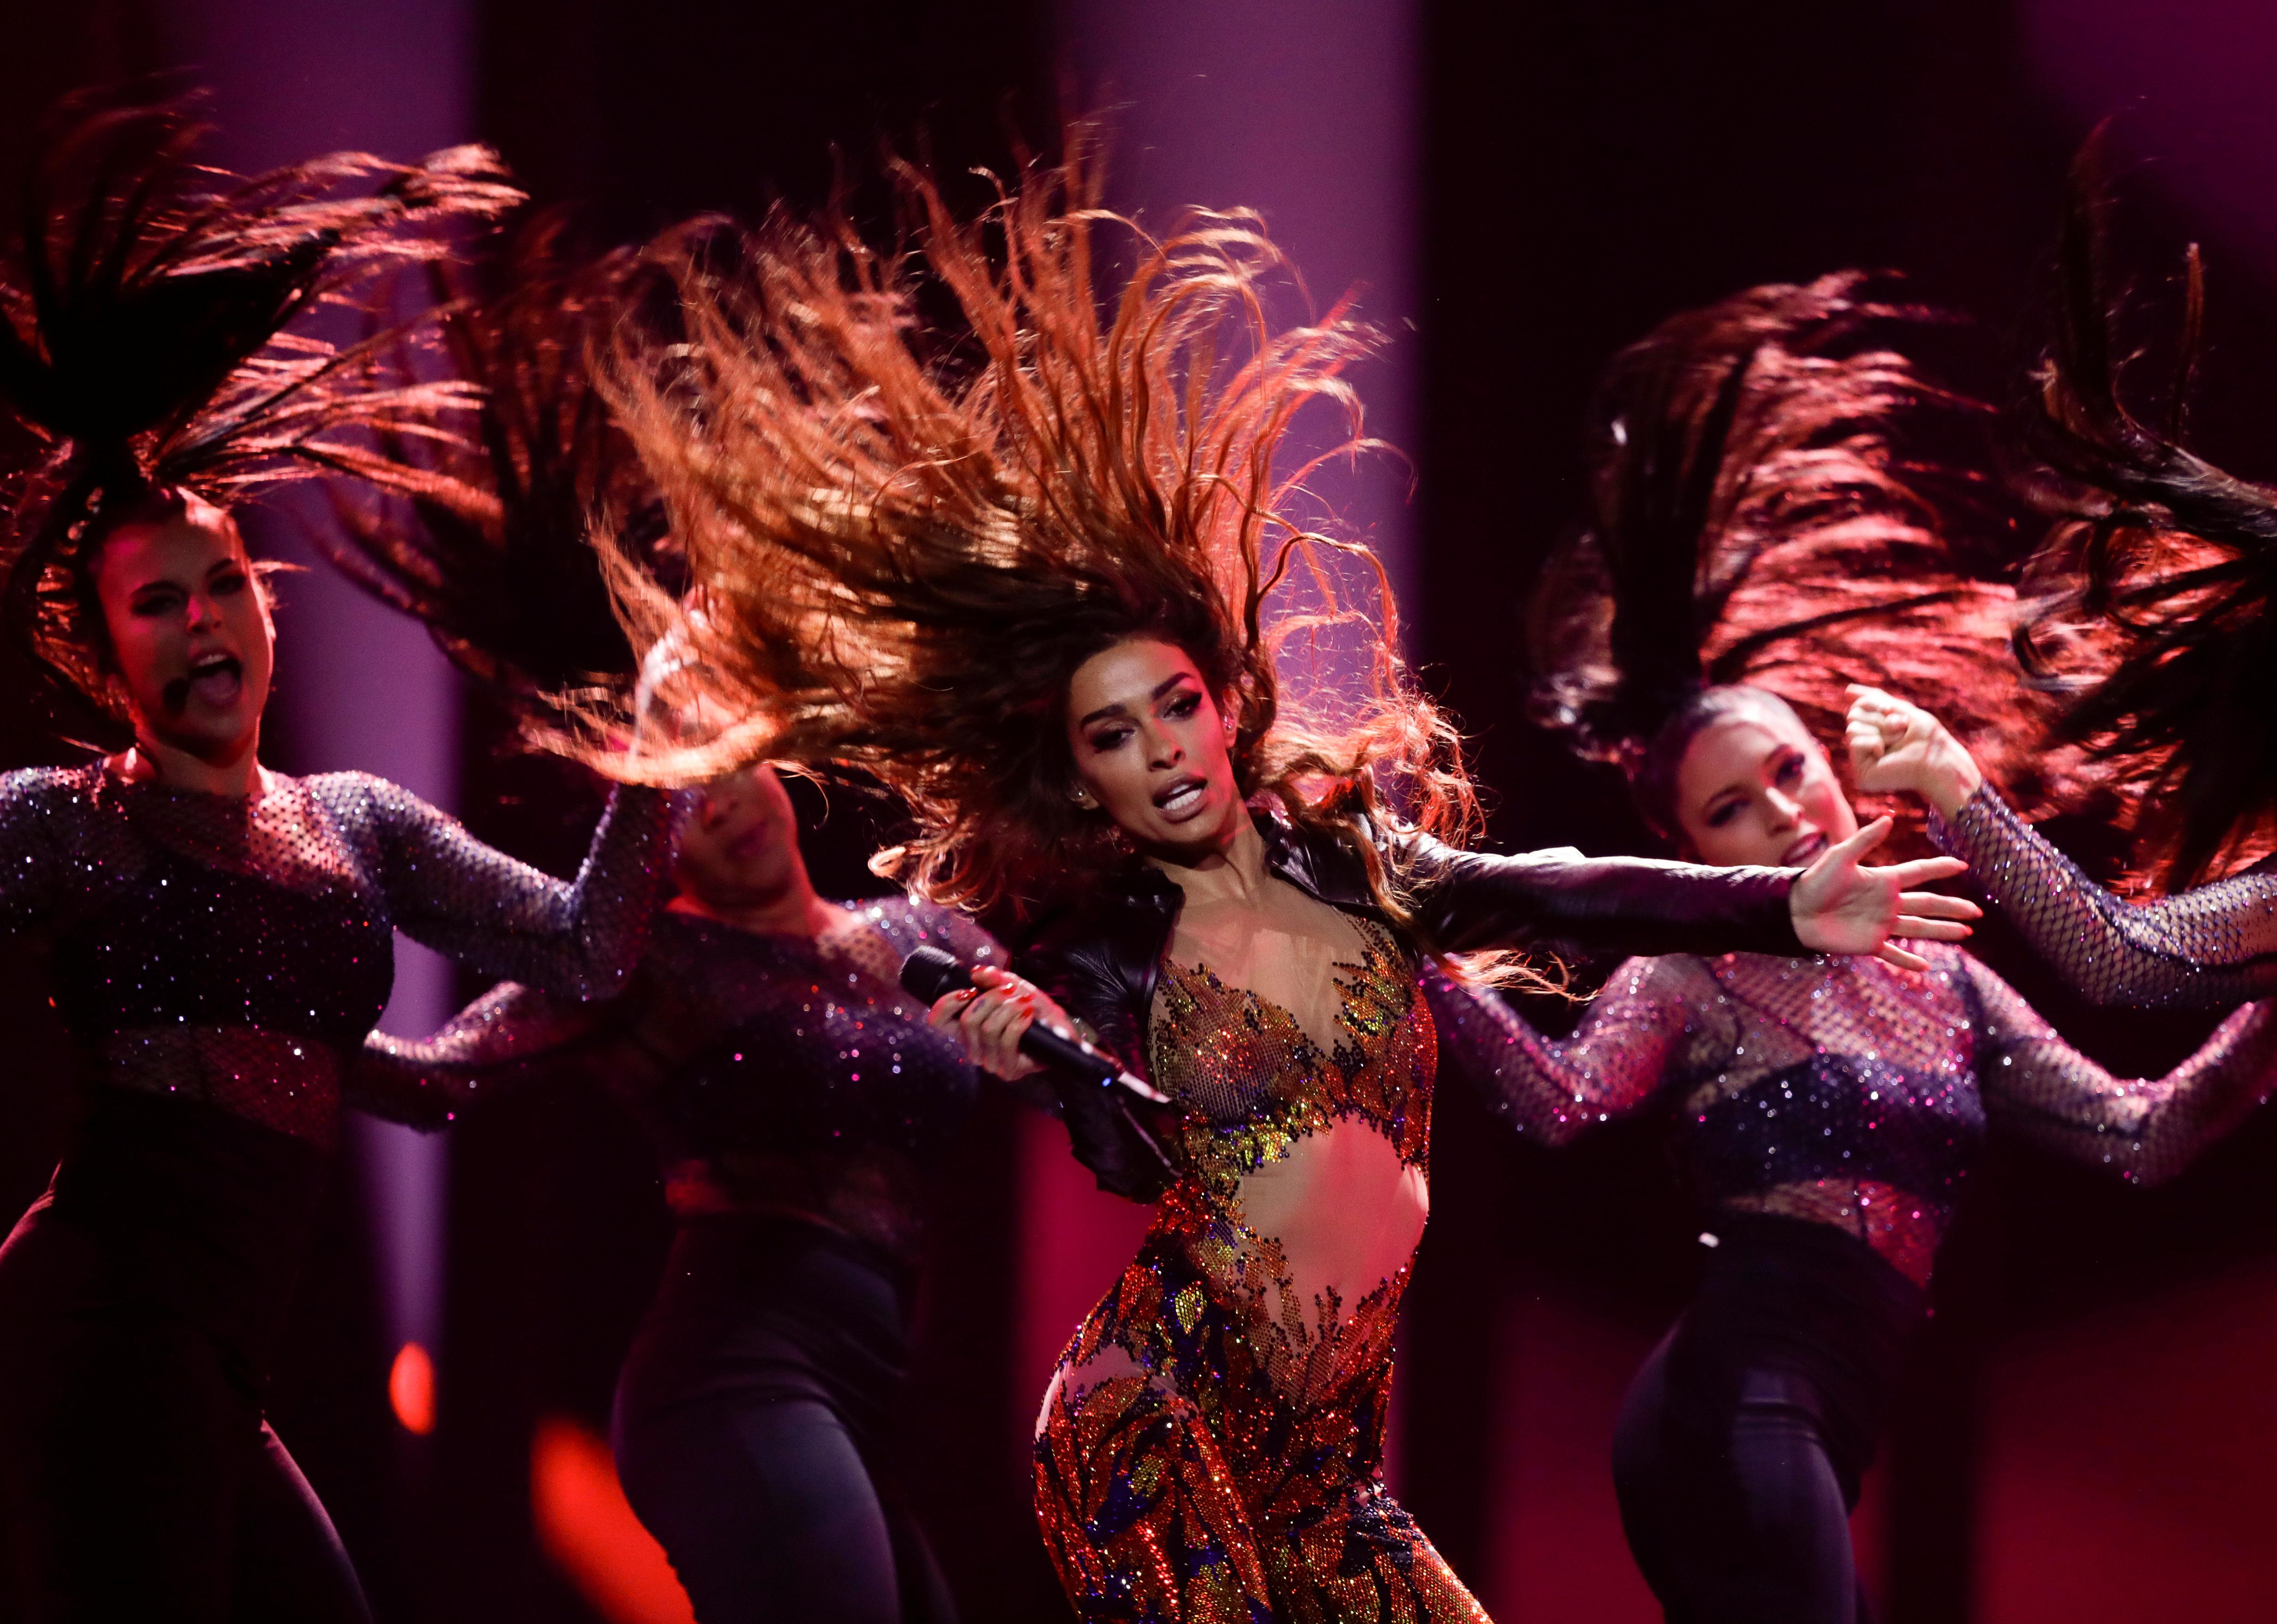 Ελένη Φουρέιρα: Με ποιους θα έρθει αντιμέτωπη στον μεγάλο τελικό της Eurovision; | tlife.gr